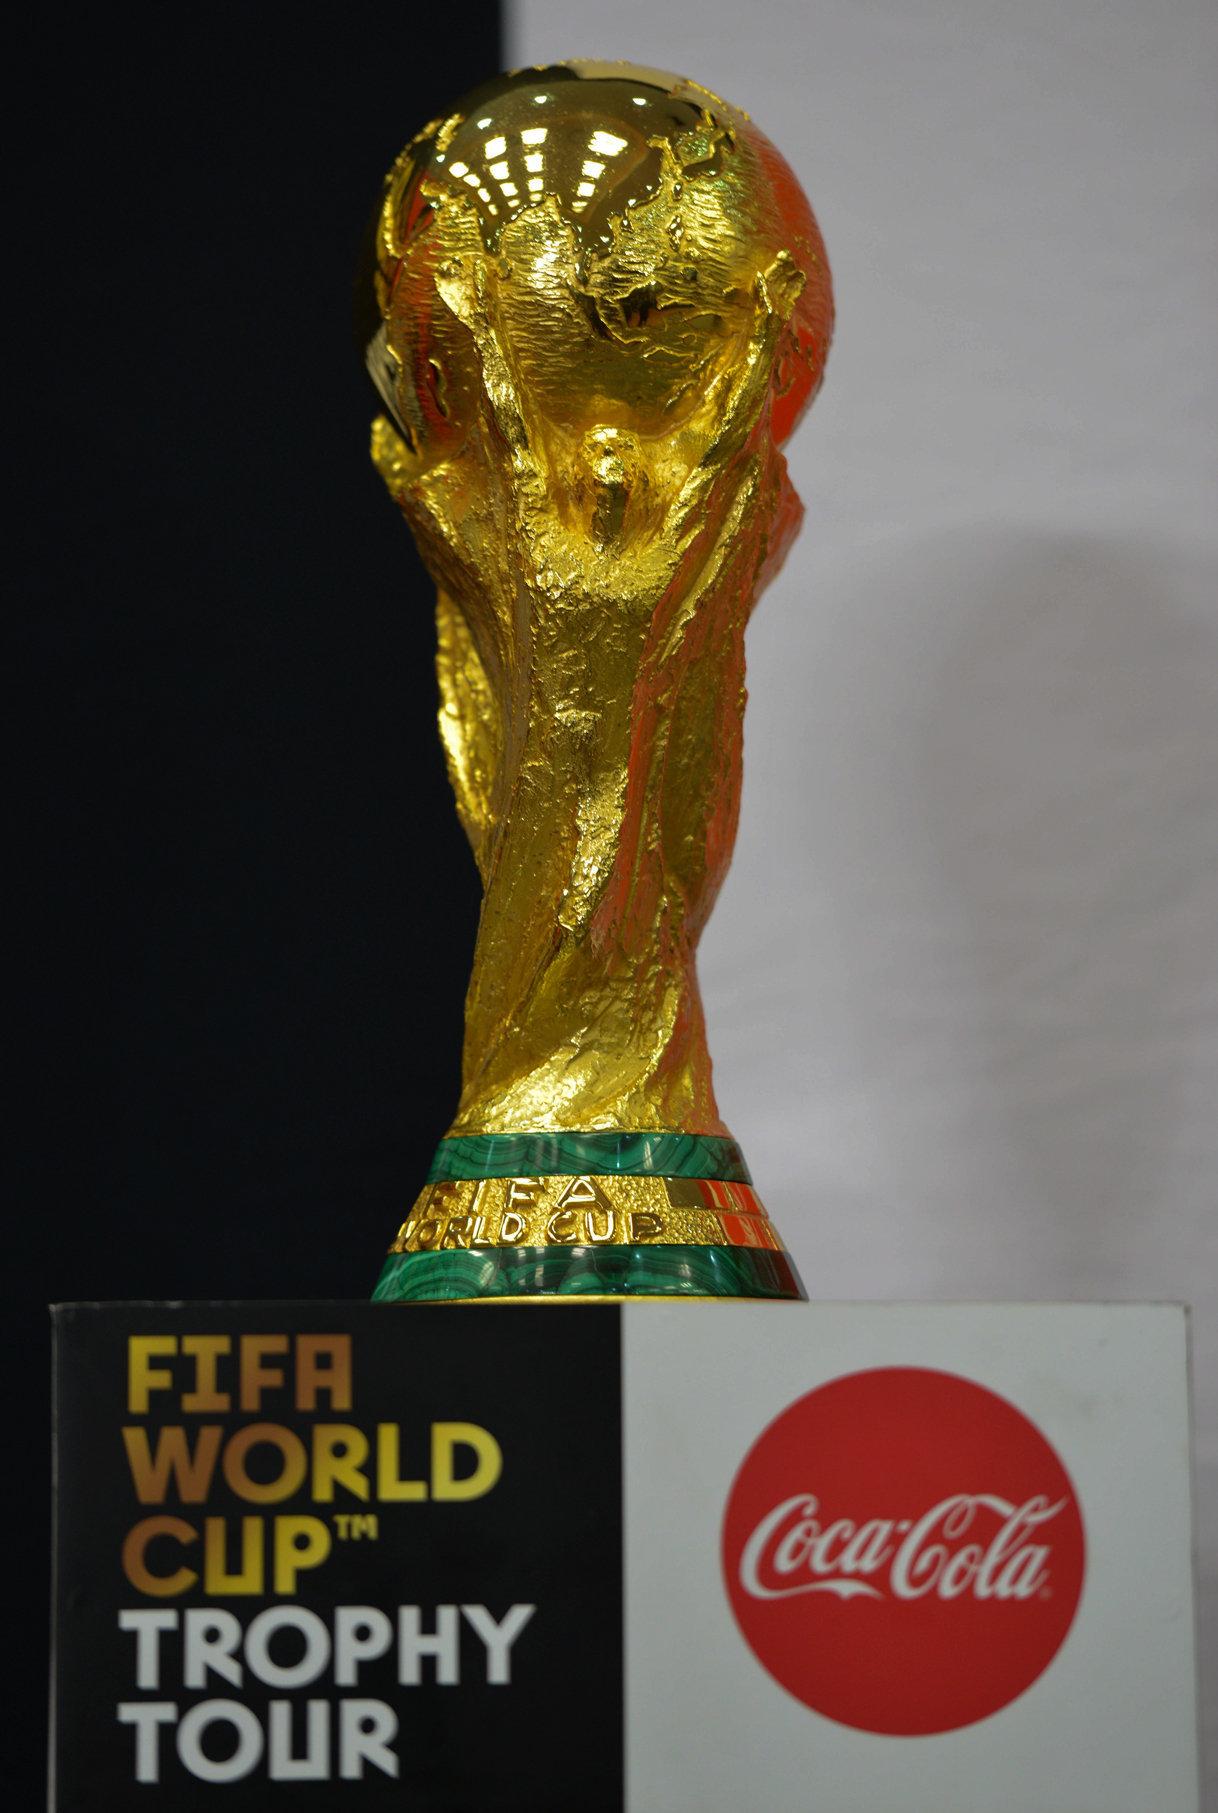 El trofeo original de la Copa Mundial de la FIFA 2018